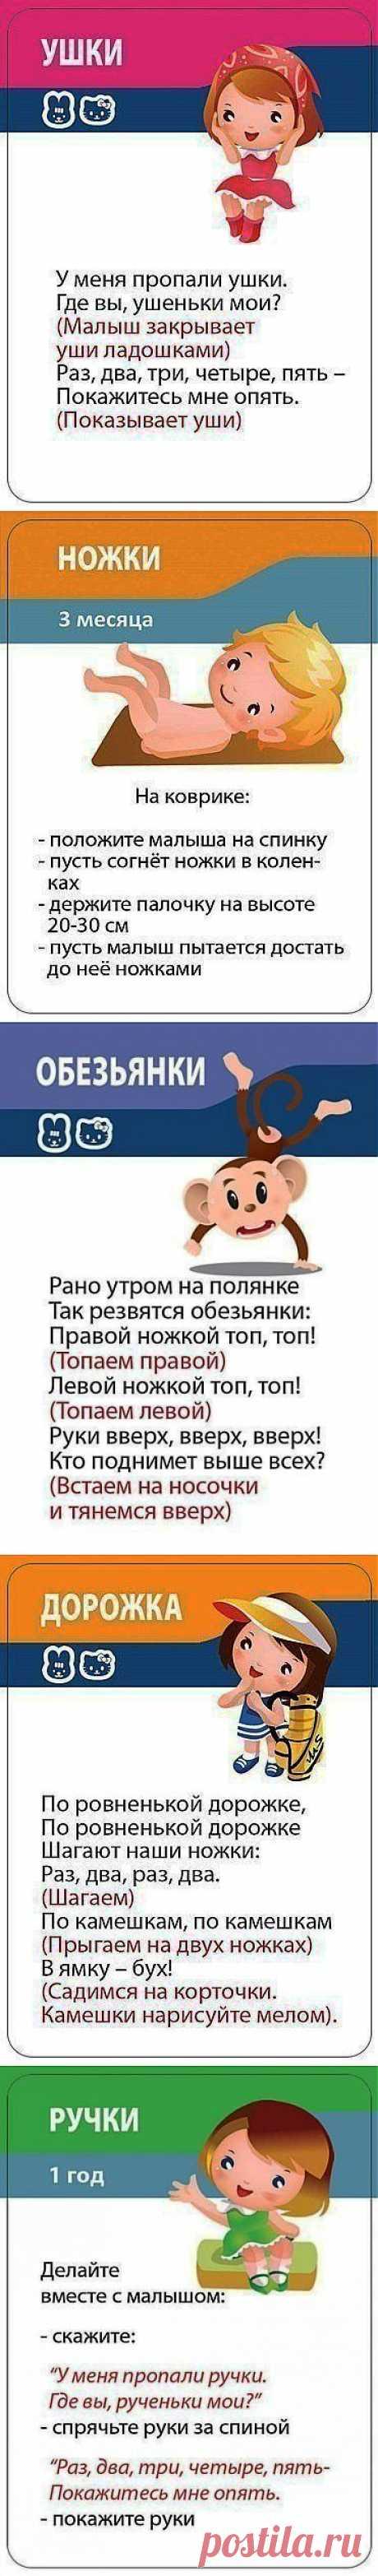 Раннее развитие на сайте danilova.ru | ВКонтакте